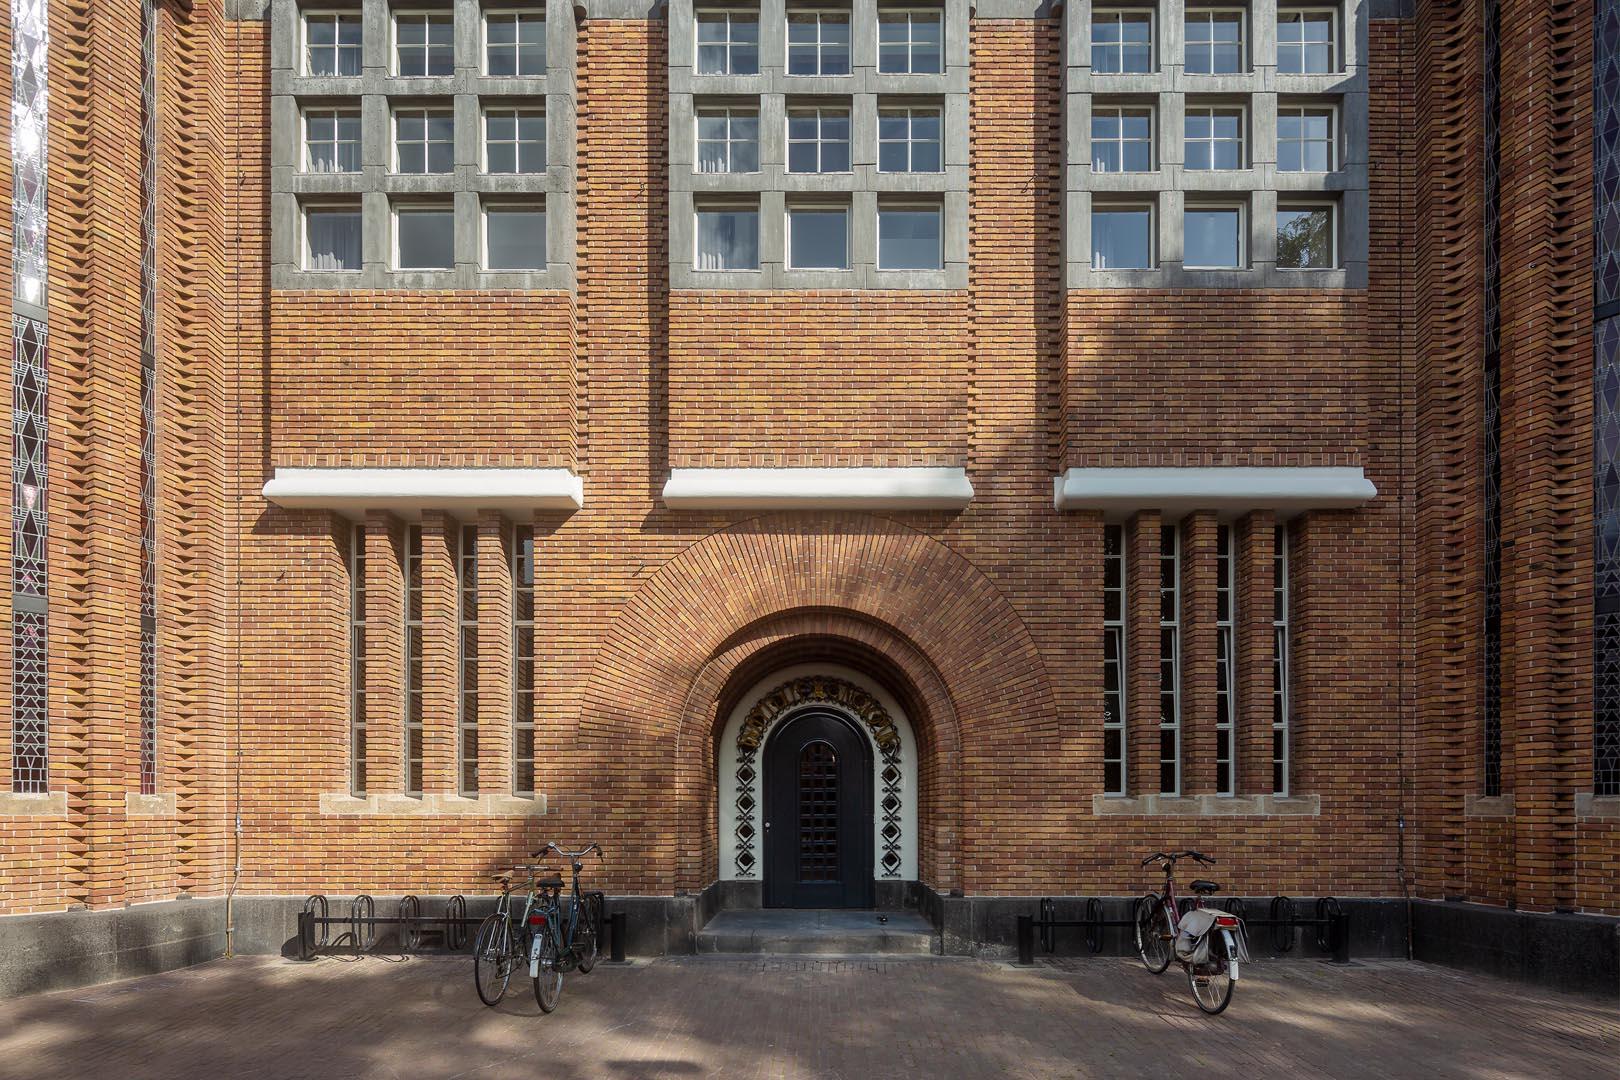 anatomiegebouw-utrecht-transformatie-gemeentelijk-monument-1620×1080-03